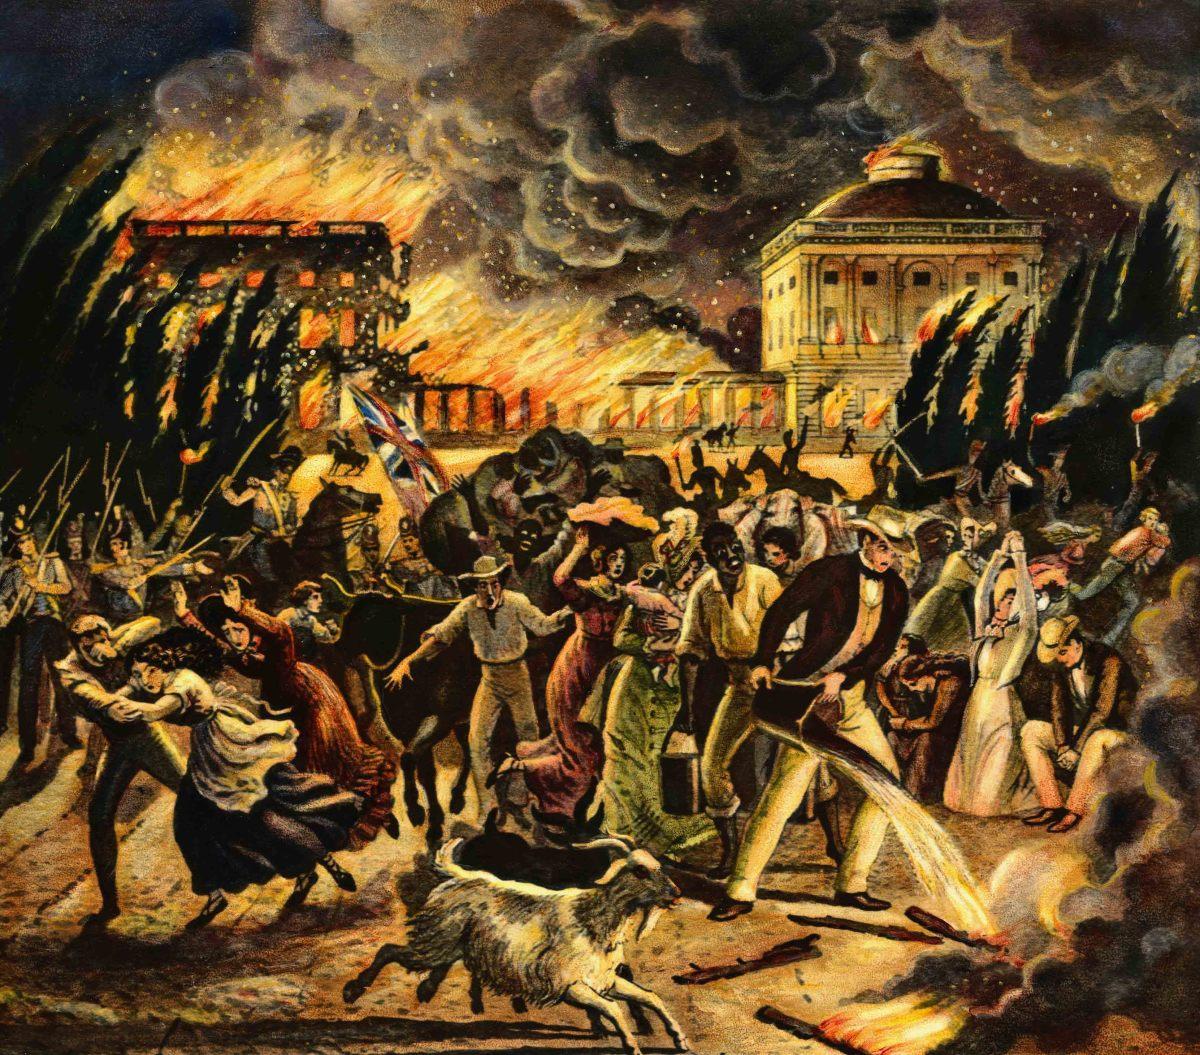 Burning of Washington, D.C.